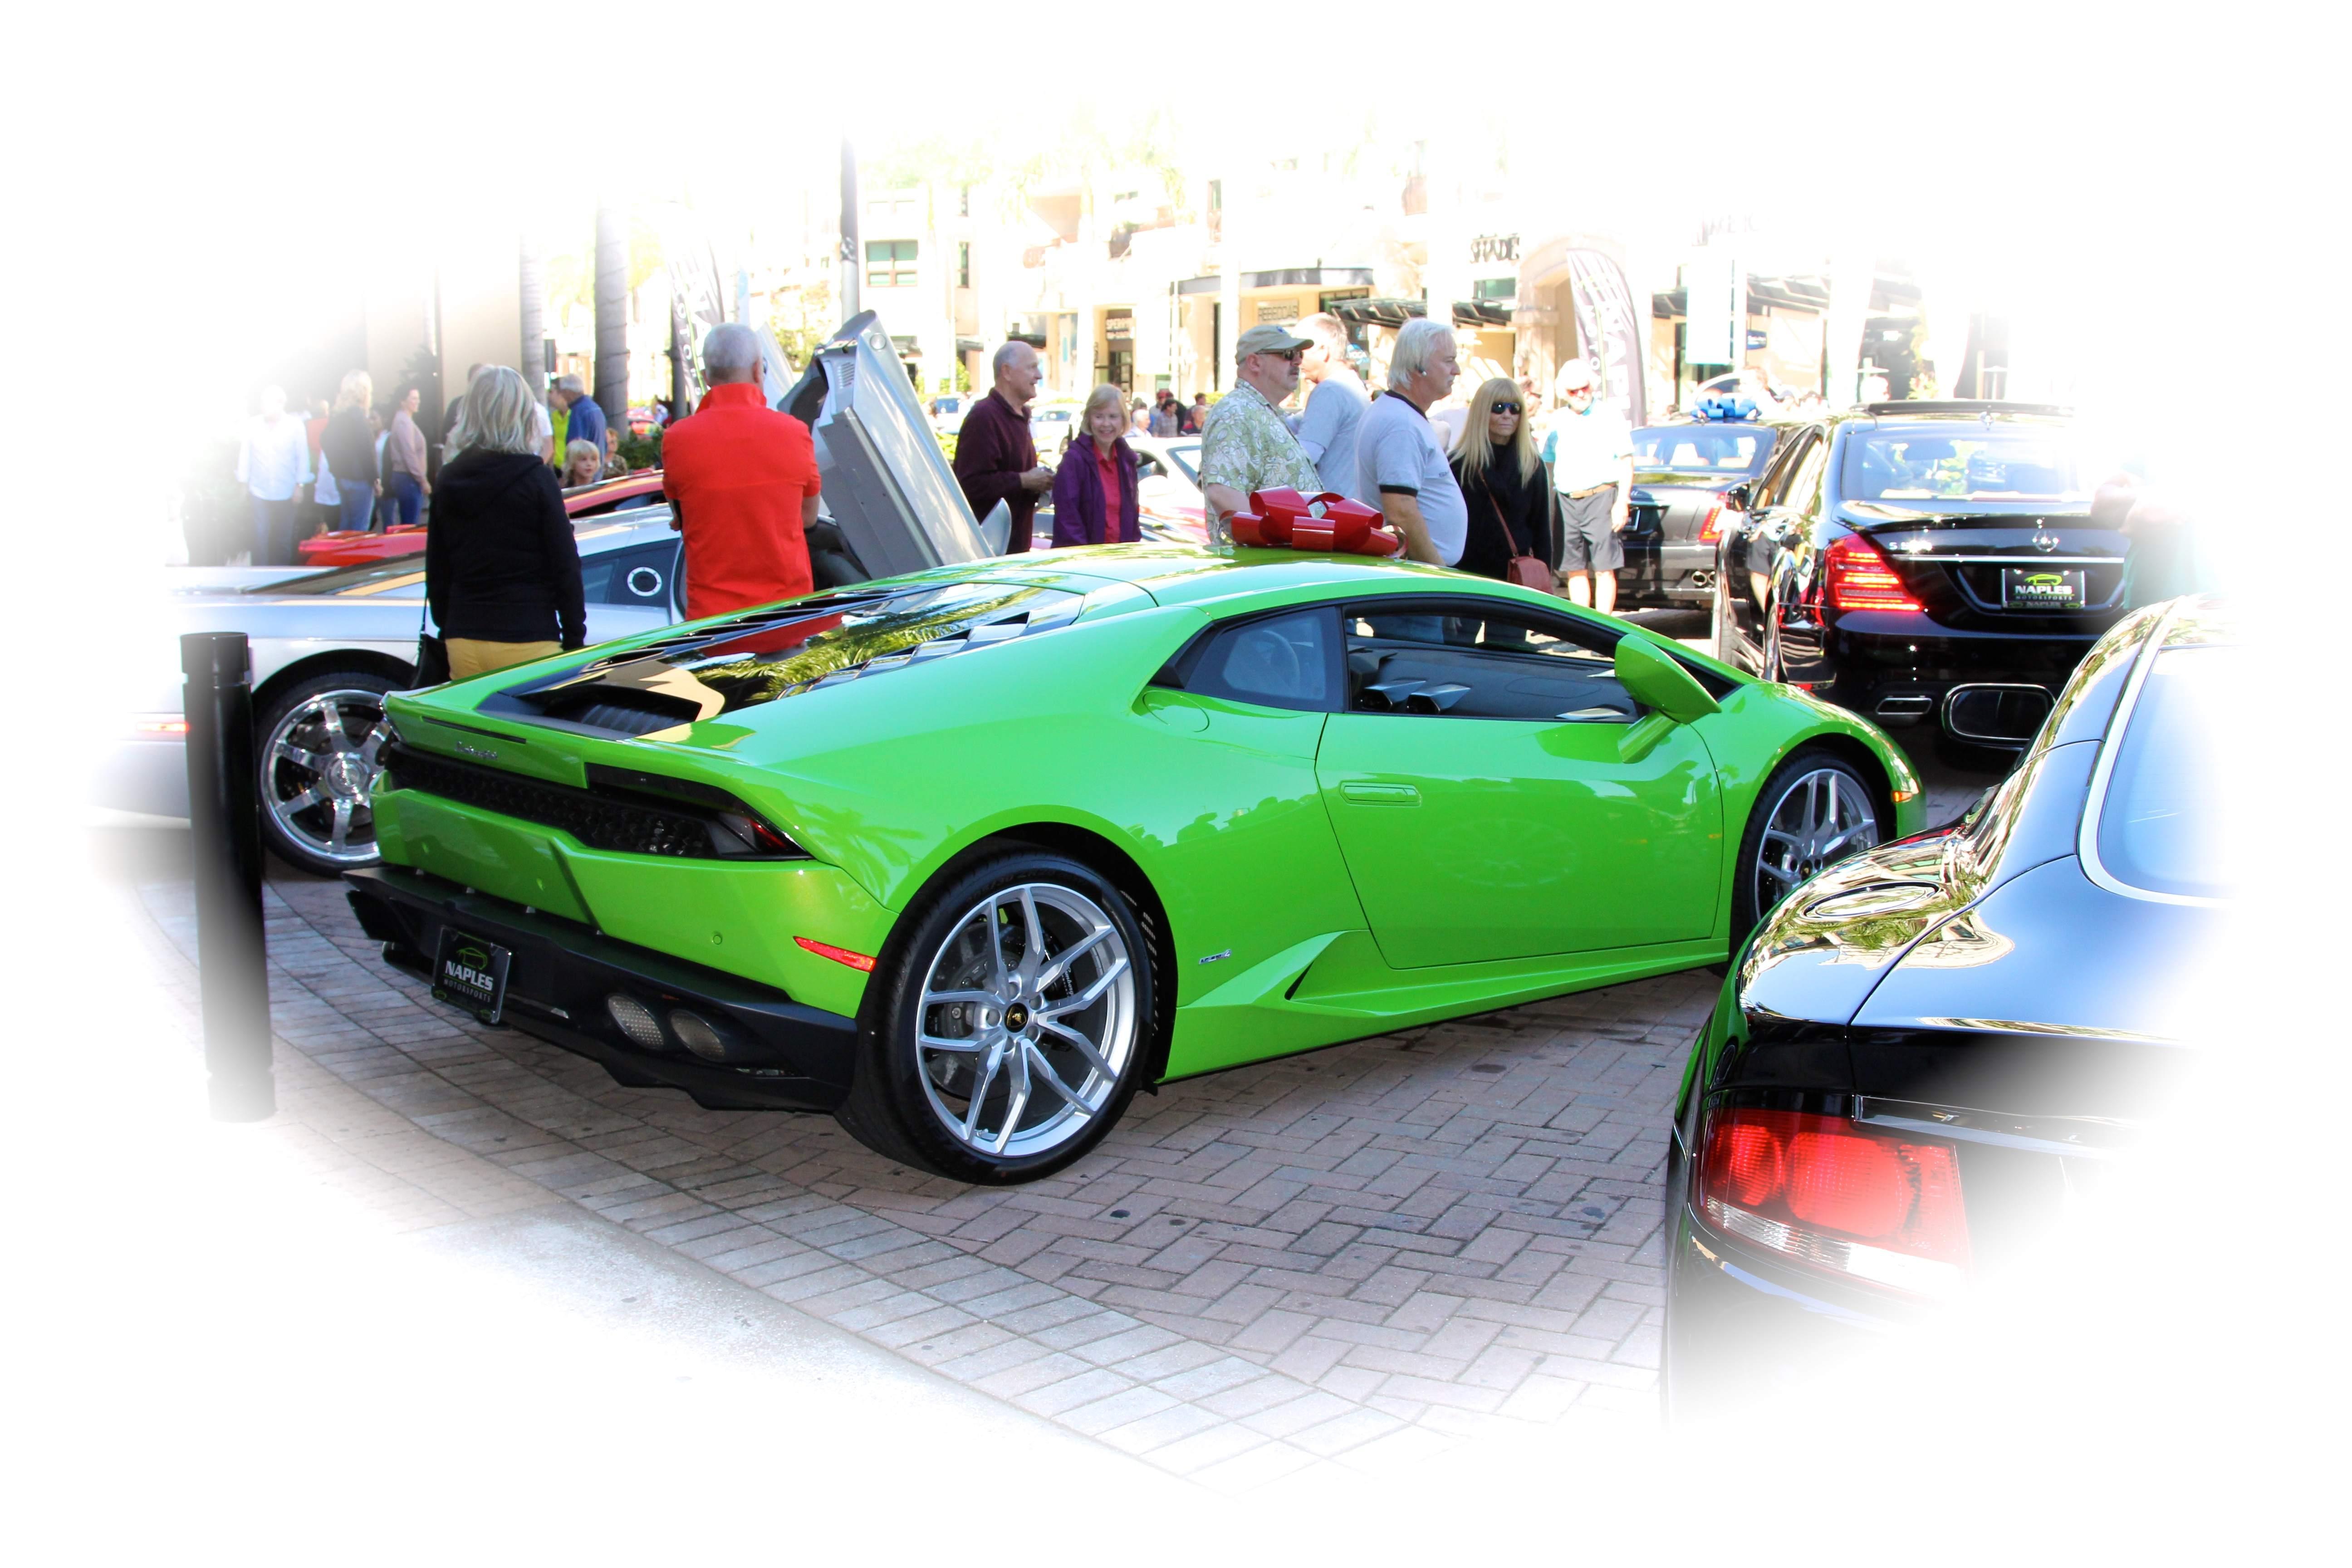 Mercato Show Ferrari Club Of America Naples Chapter - Mercato car show